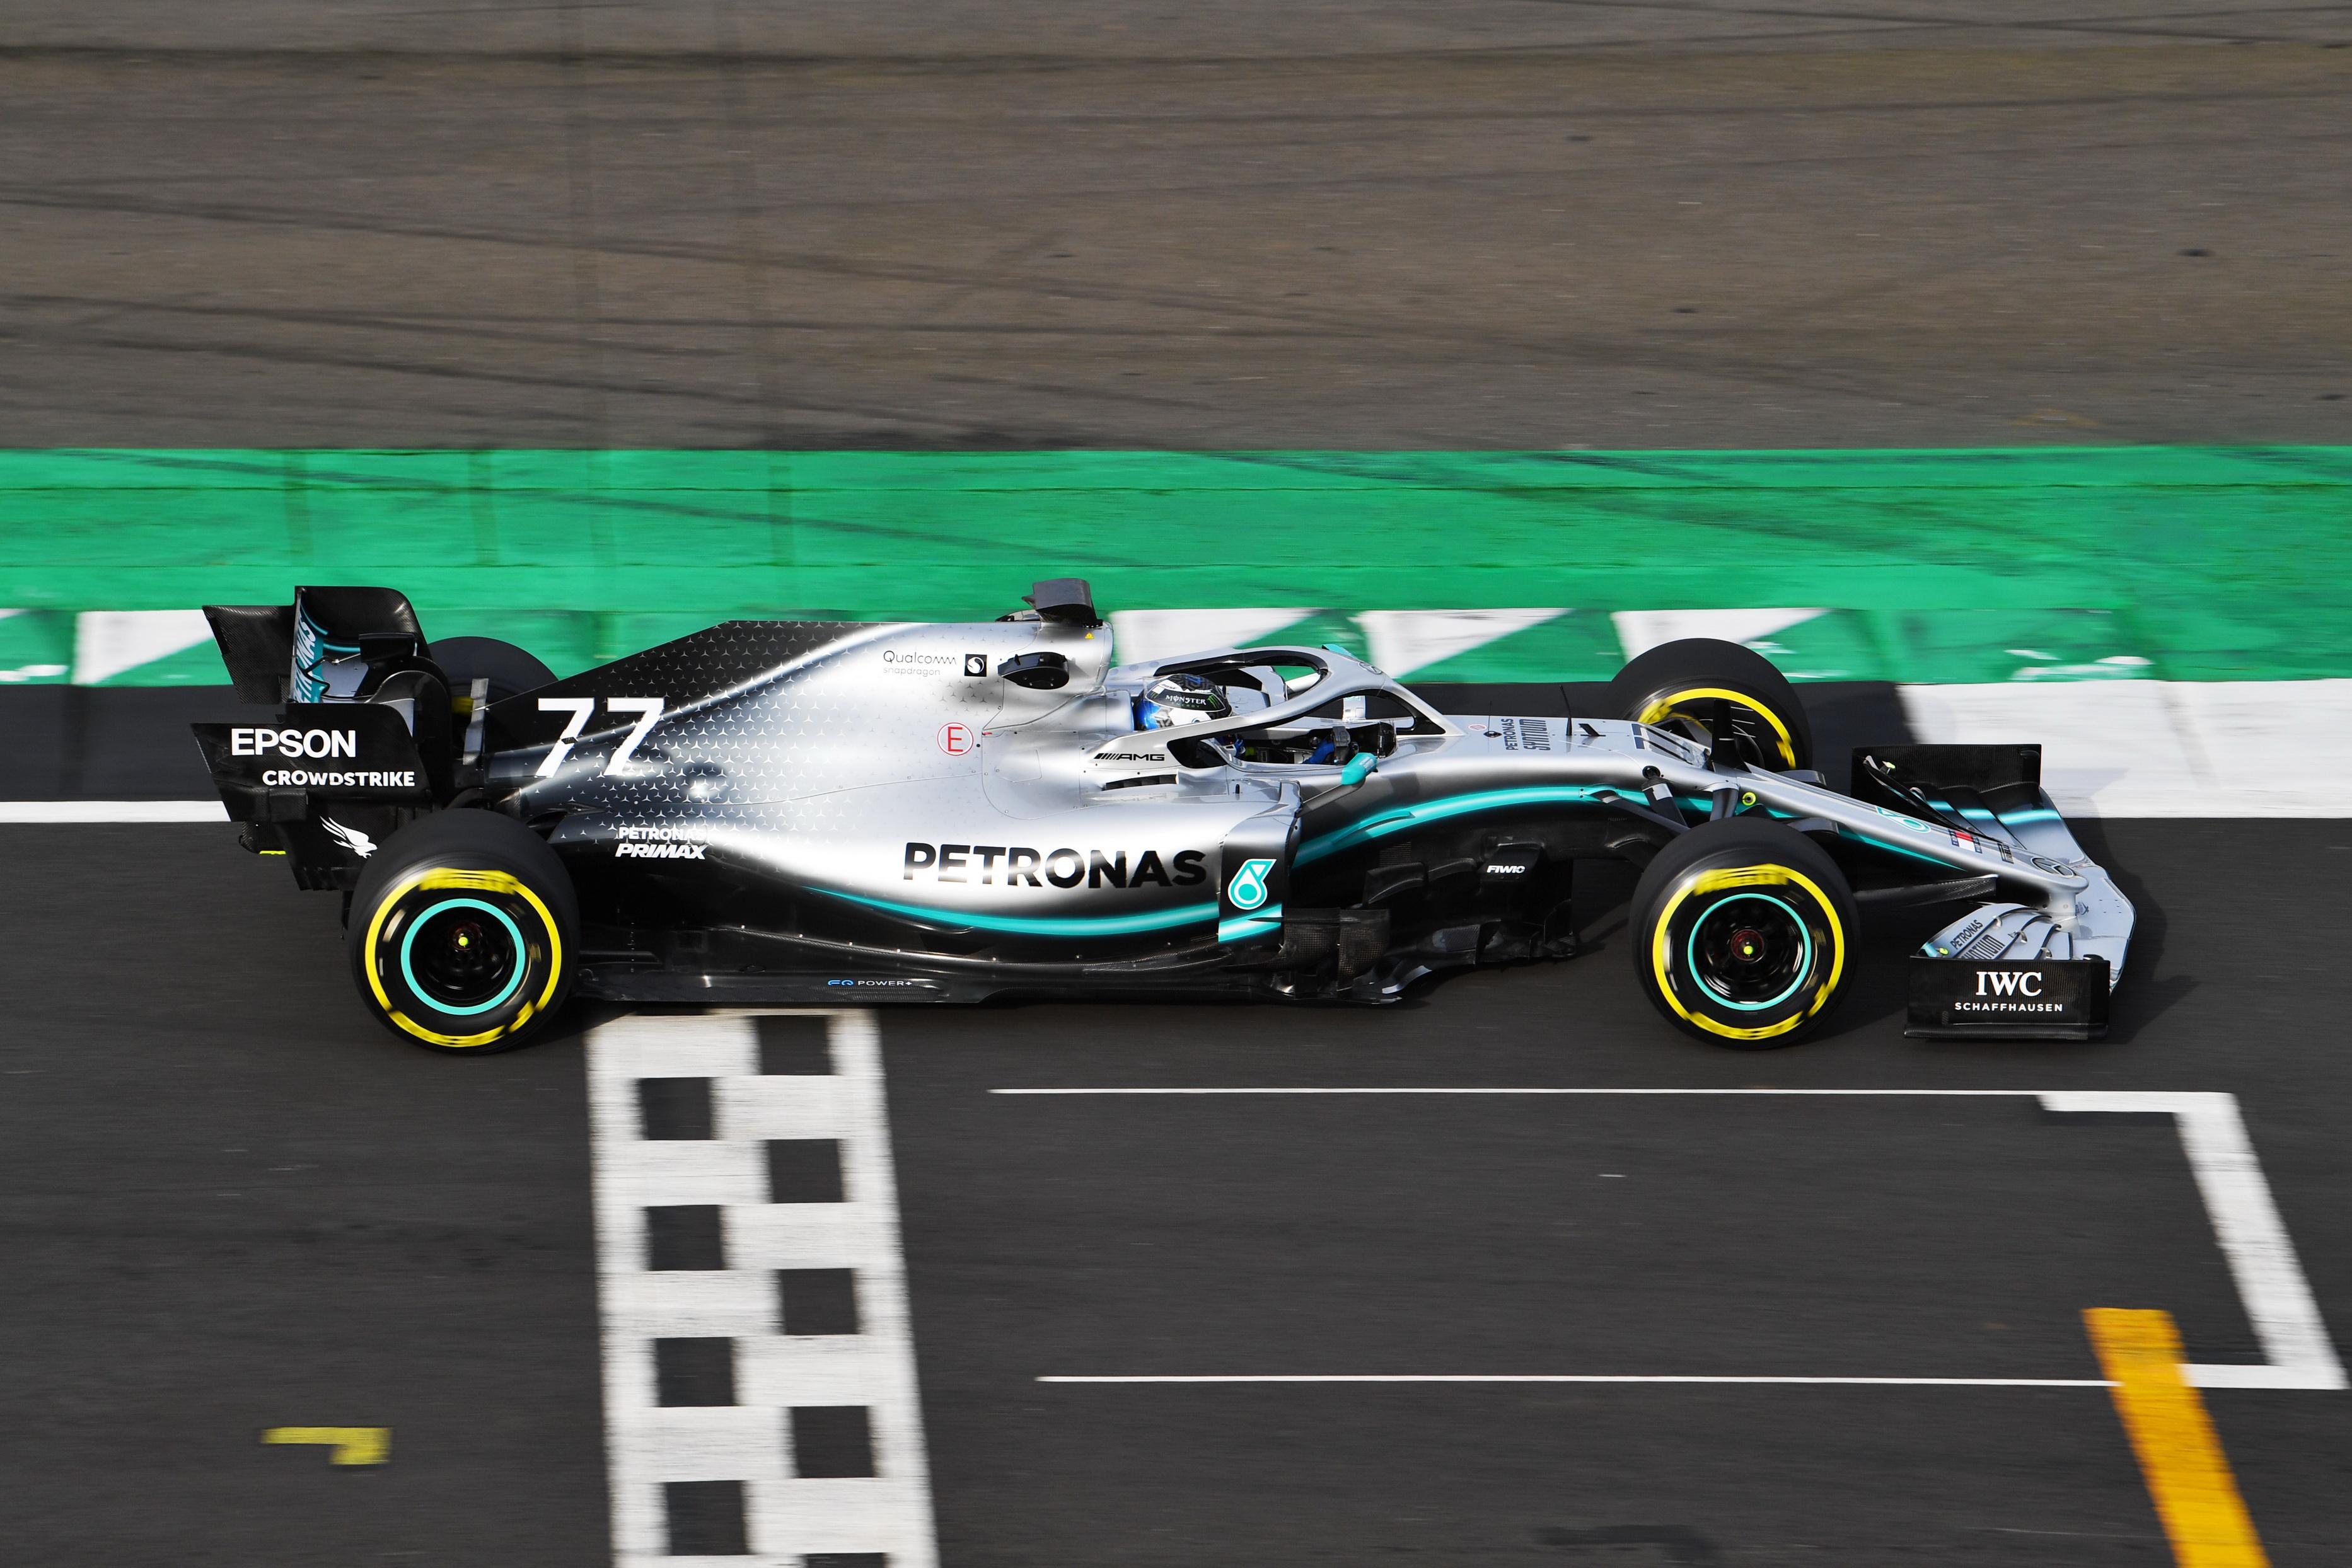 Fórmula 1: Mercedes enseña el W10 sin tapujos